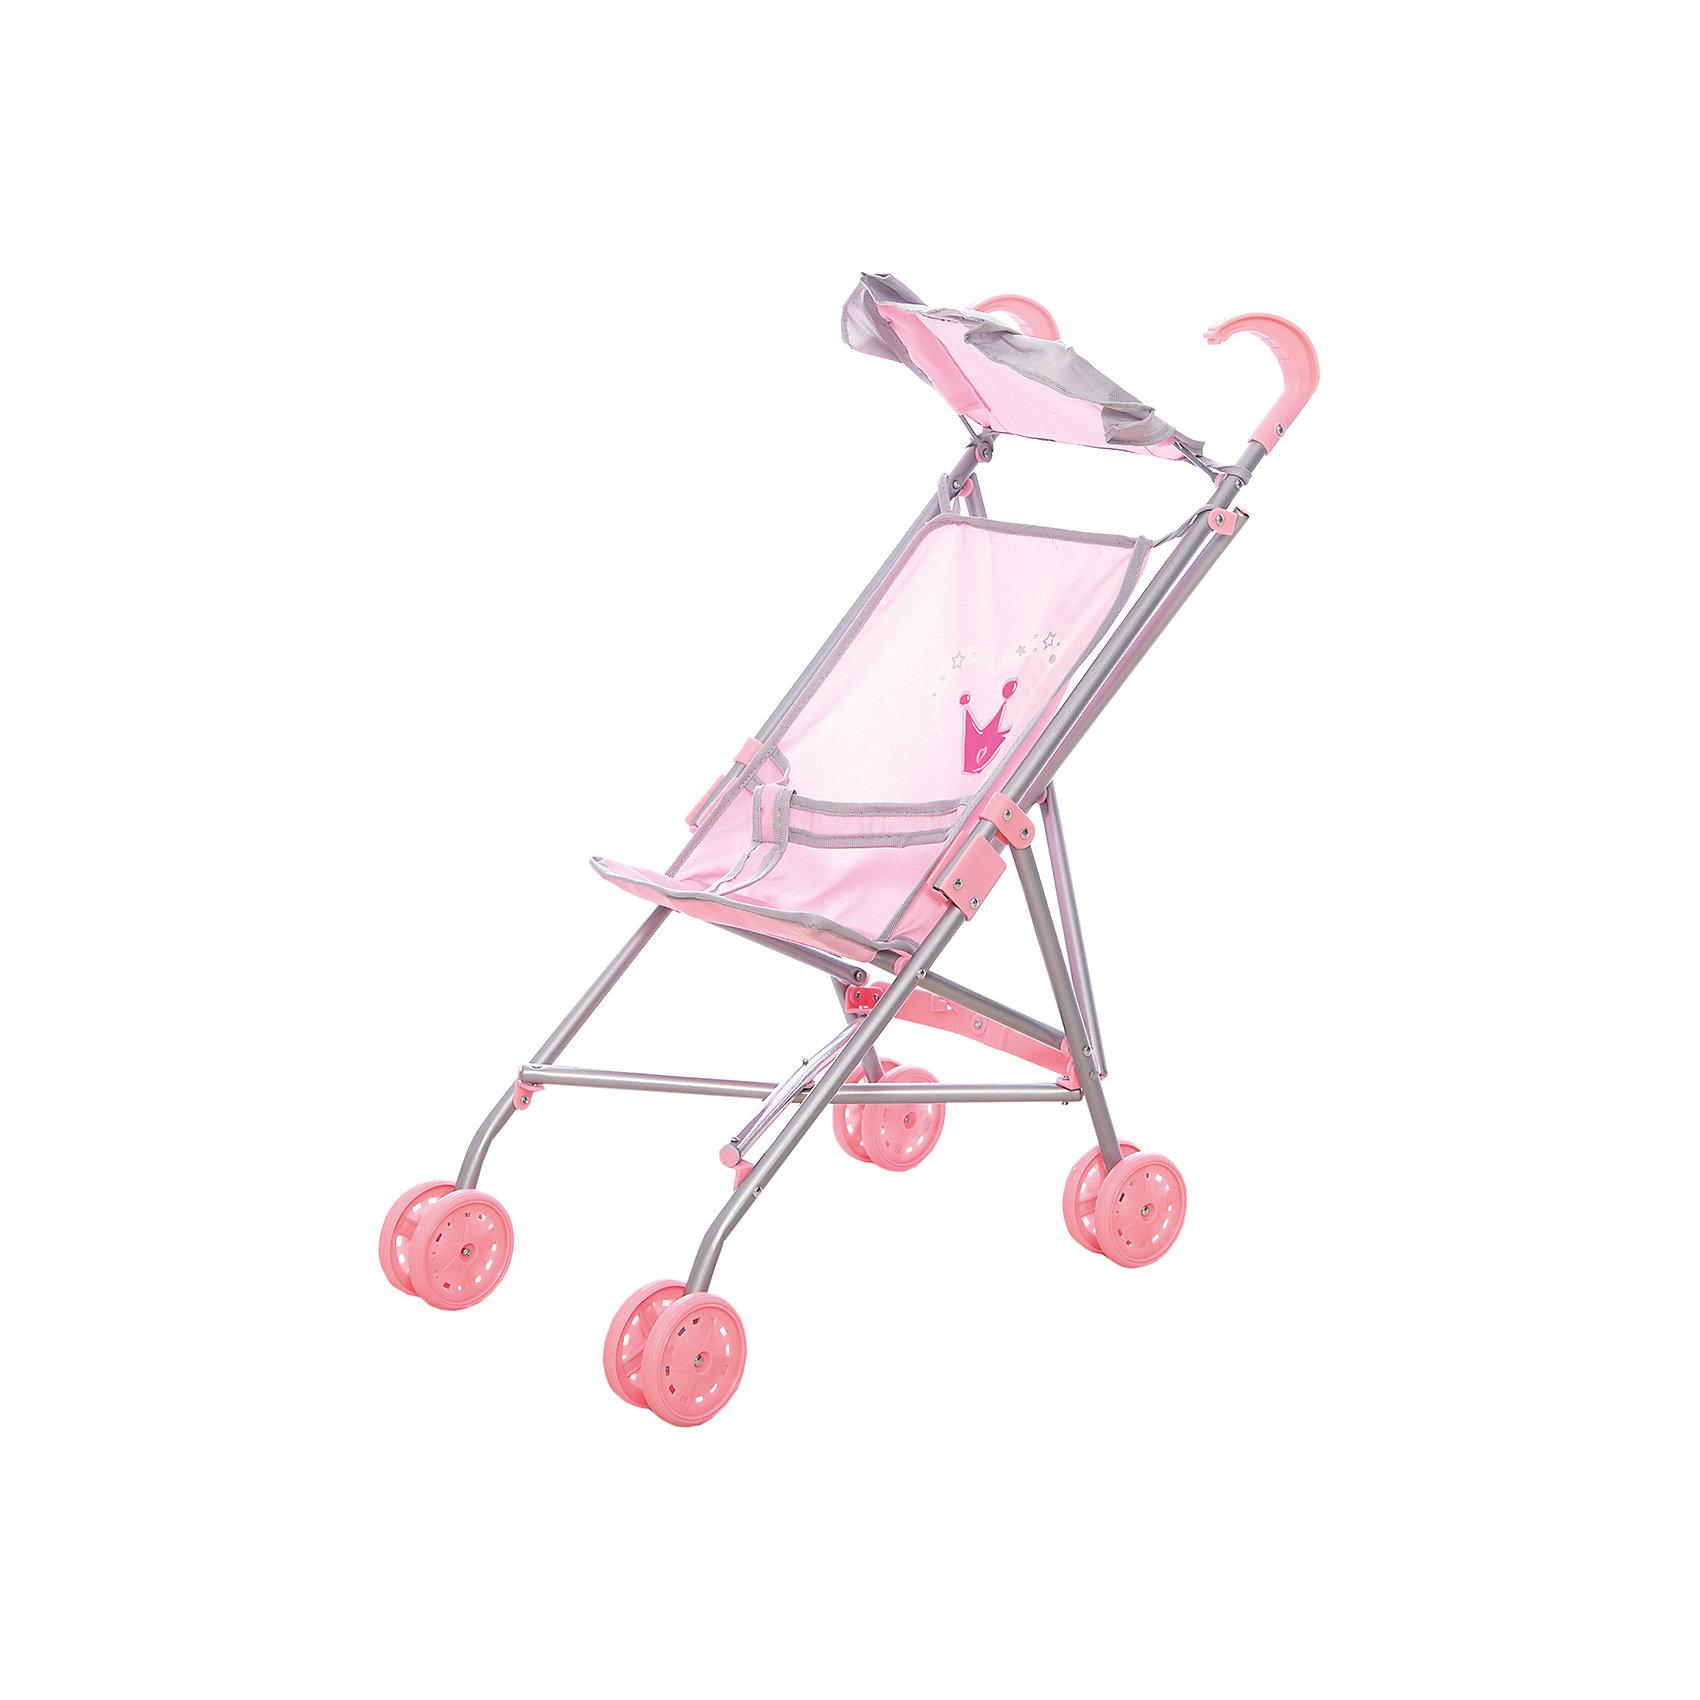 Коляска-трость для кукол Корона,  52*26*55 см, Mary PoppinsКоляски и транспорт для кукол<br>Коляска-трость для кукол Корона,  52*26*55 см, Mary Poppins.<br><br>Характеристики:<br><br>• Размер: 52х26х55 см.<br>• Цвет: розовый, серый<br>• Тканевый козырек<br>• Материал: текстиль, пластик<br><br>Коляска-трость Корона с тканевым козырьком подойдет для игры в дочки-матери! Юной и заботливой принцессе понравится катать любимую куклу в этой легкой колясочке. Ремни безопасности крепко фиксируют куклу. Коляска-трость легко складывается, в сложенном виде занимает мало места, поэтому ее удобно хранить. <br><br>Коляску-трость для кукол Корона,  52*26*55 см, Mary Poppins можно купить в нашем интернет-магазине.<br><br>Ширина мм: 100<br>Глубина мм: 140<br>Высота мм: 640<br>Вес г: 625<br>Возраст от месяцев: 24<br>Возраст до месяцев: 2147483647<br>Пол: Женский<br>Возраст: Детский<br>SKU: 5402746